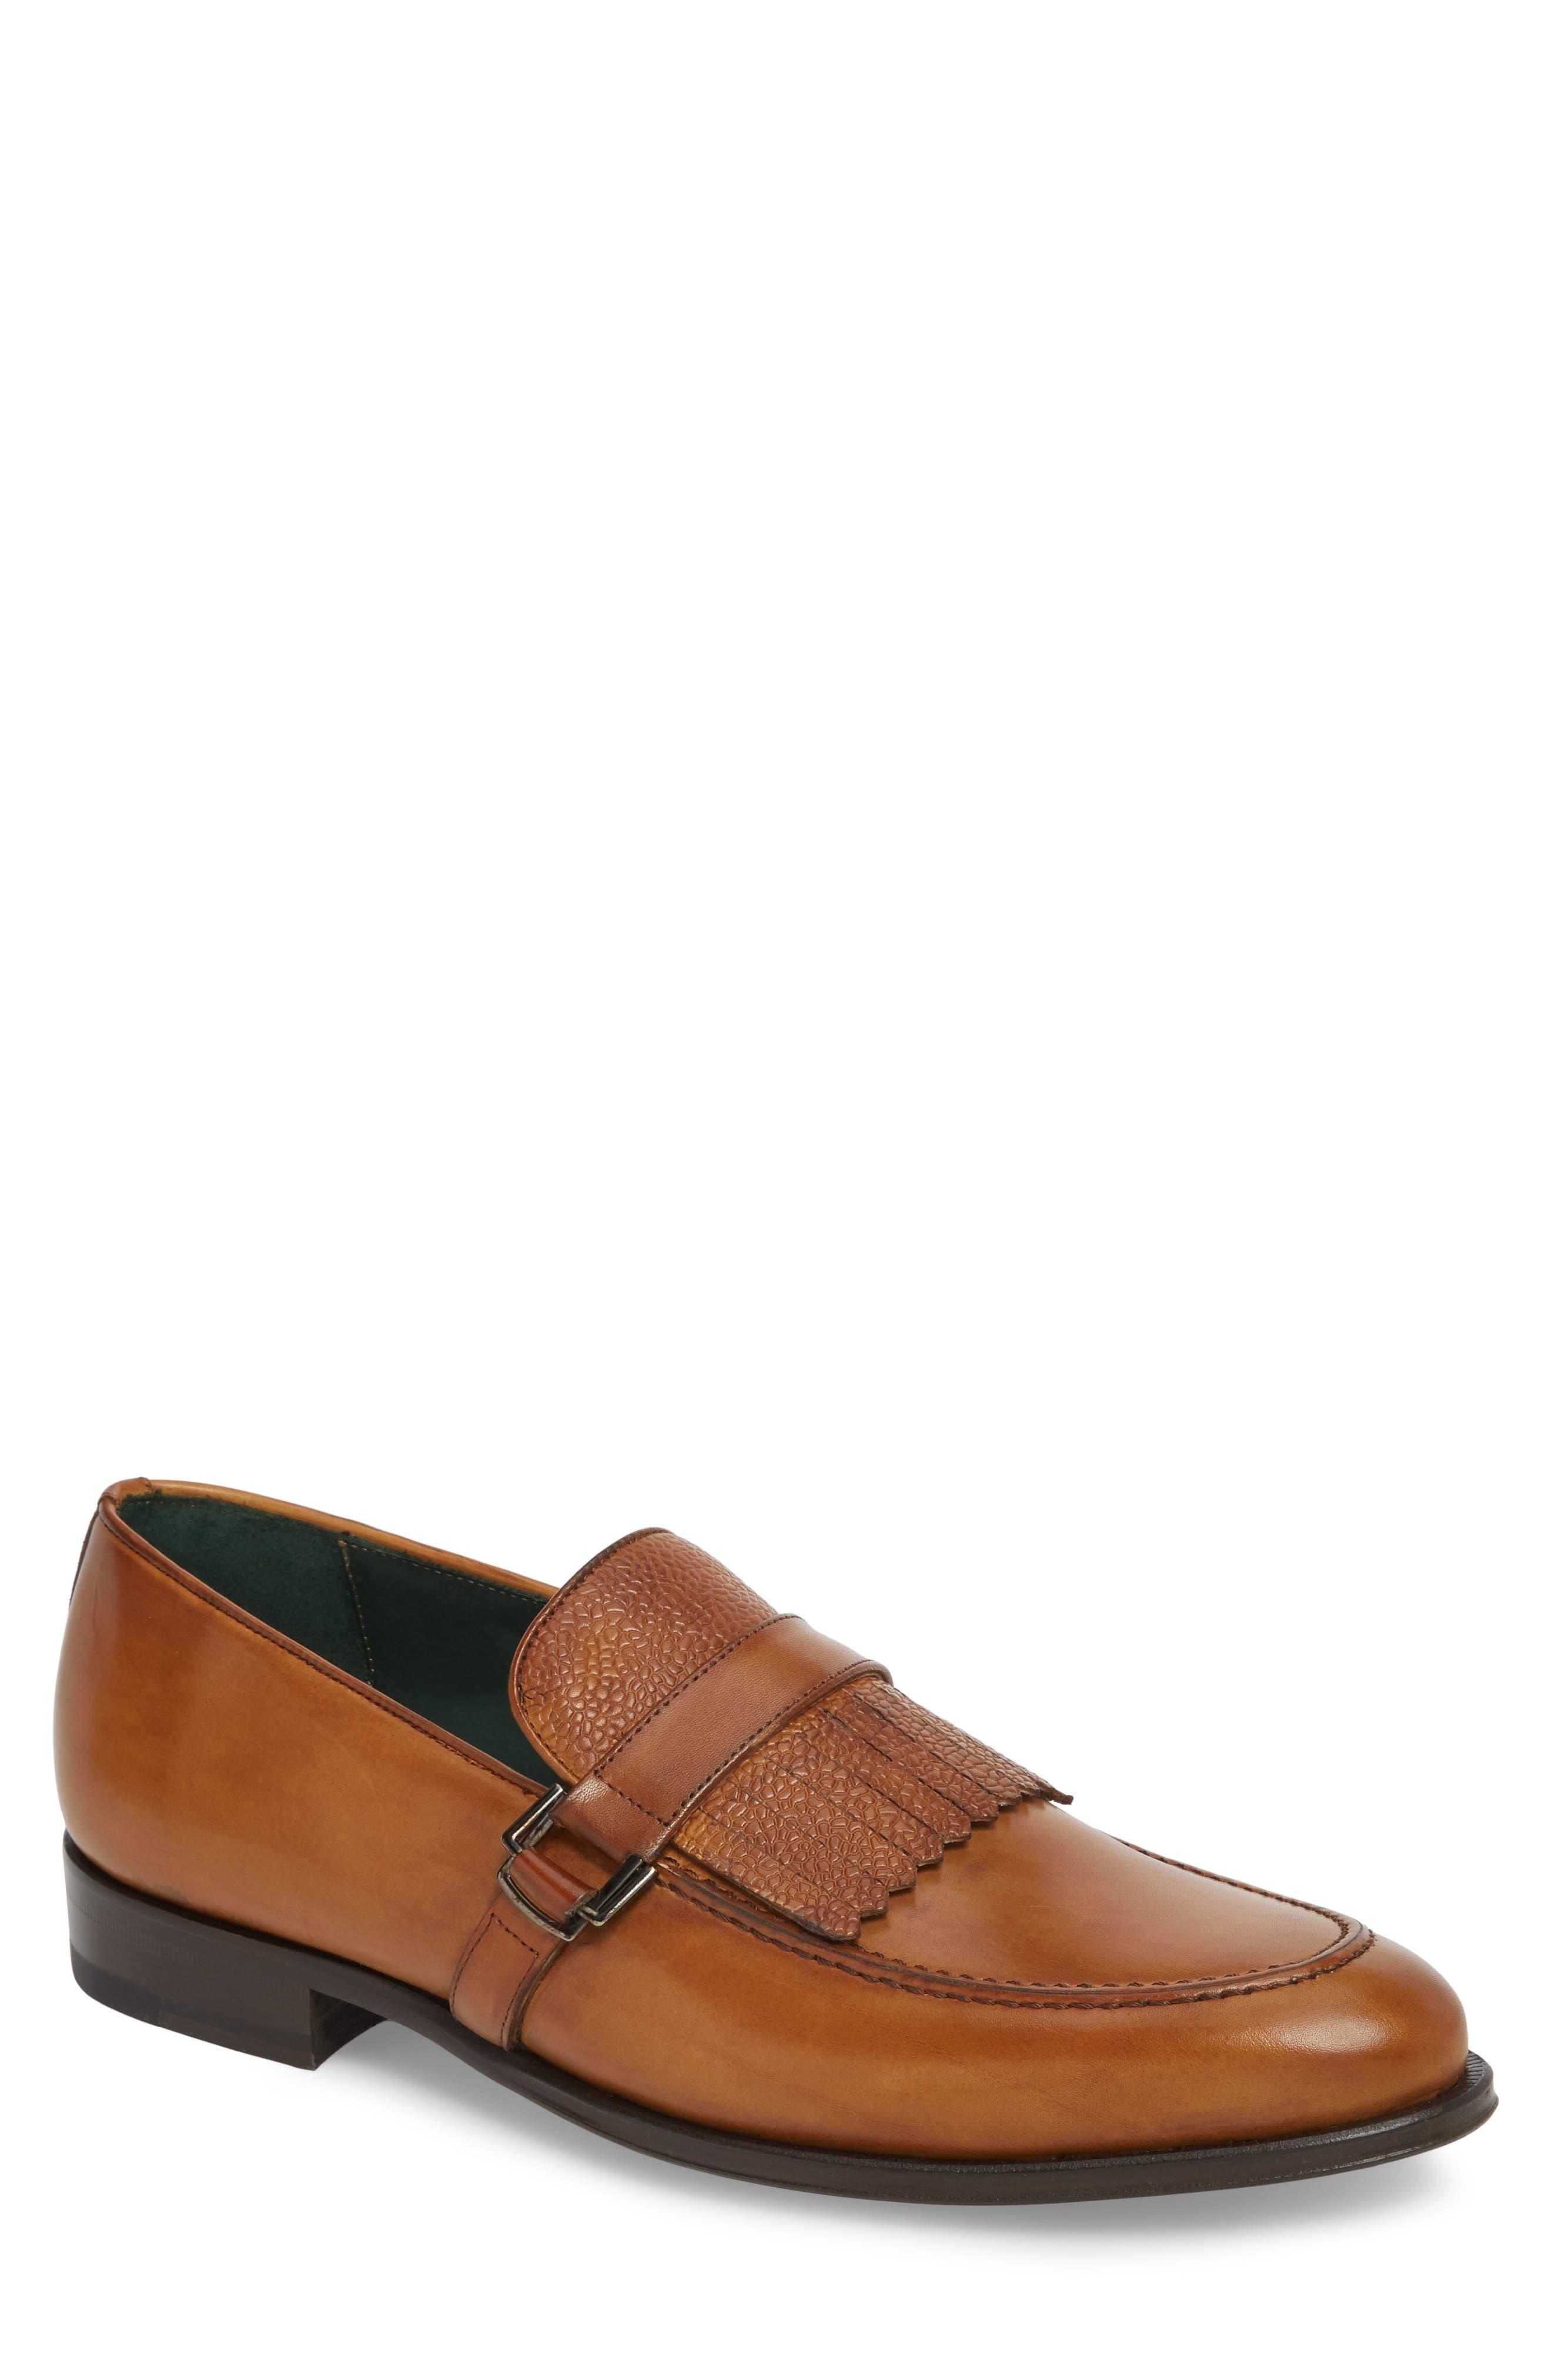 Octavio Kiltie Loafer,                         Main,                         color, Tan Leather